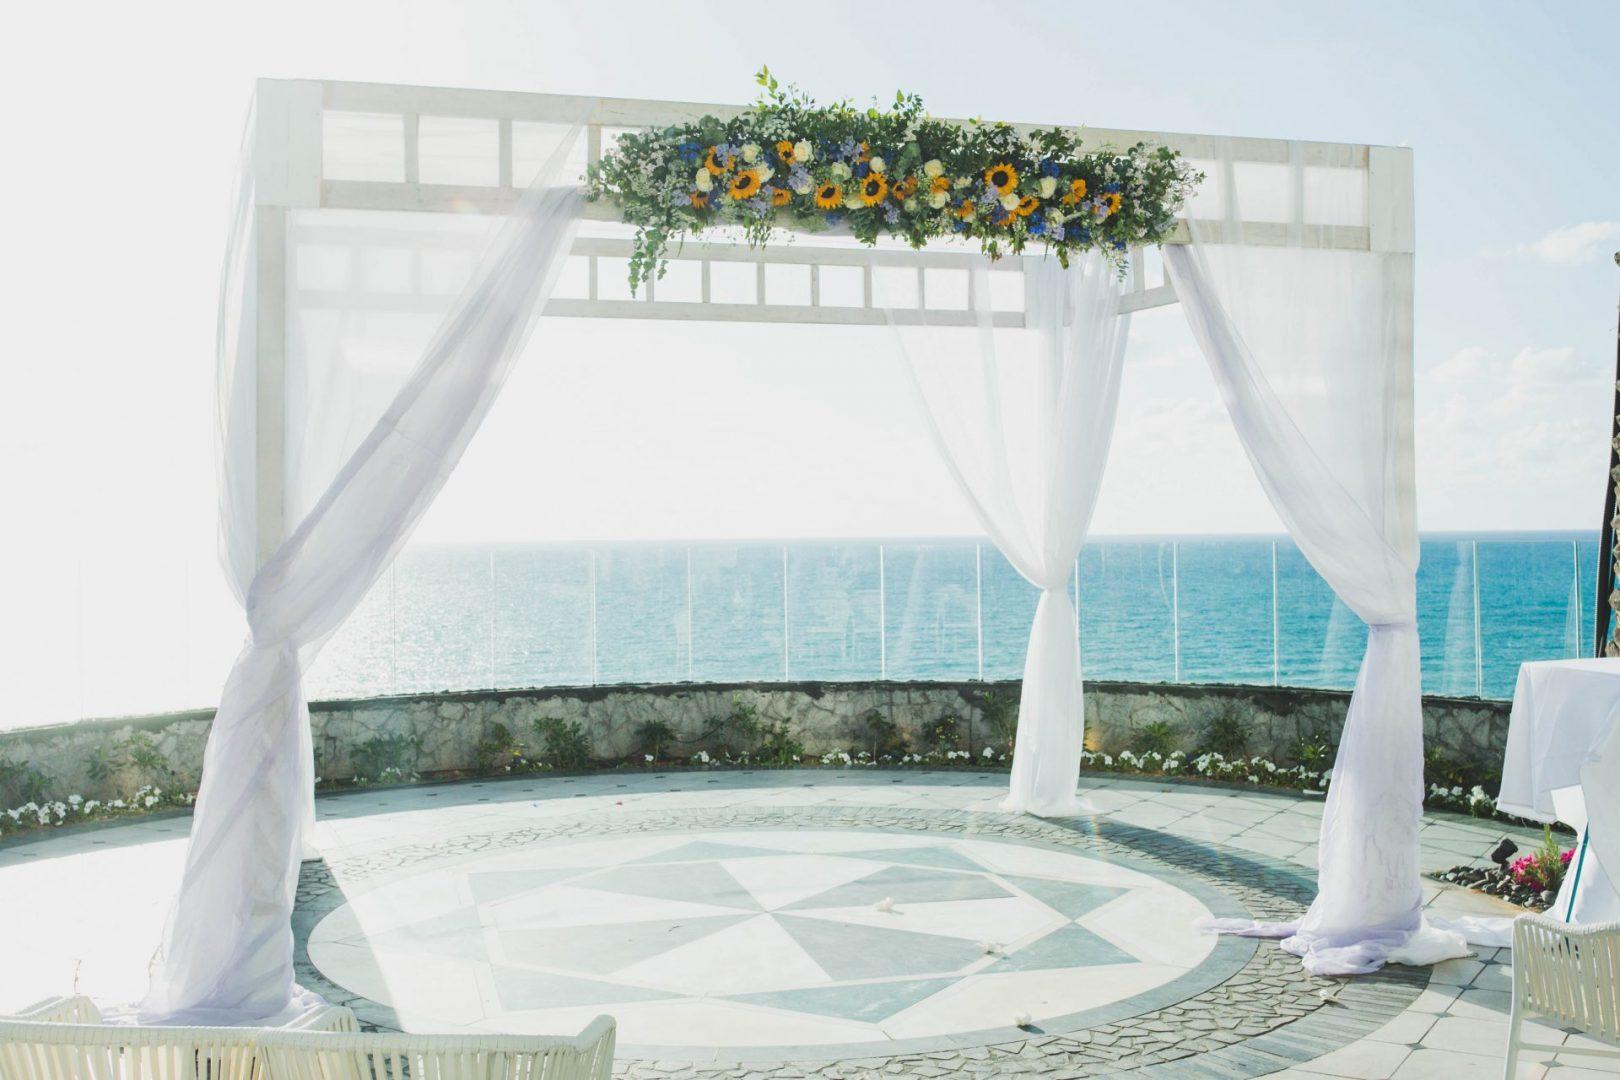 חתונה על הים: 4 סיבות שמוכיחות שזאת החתונה המושלמת